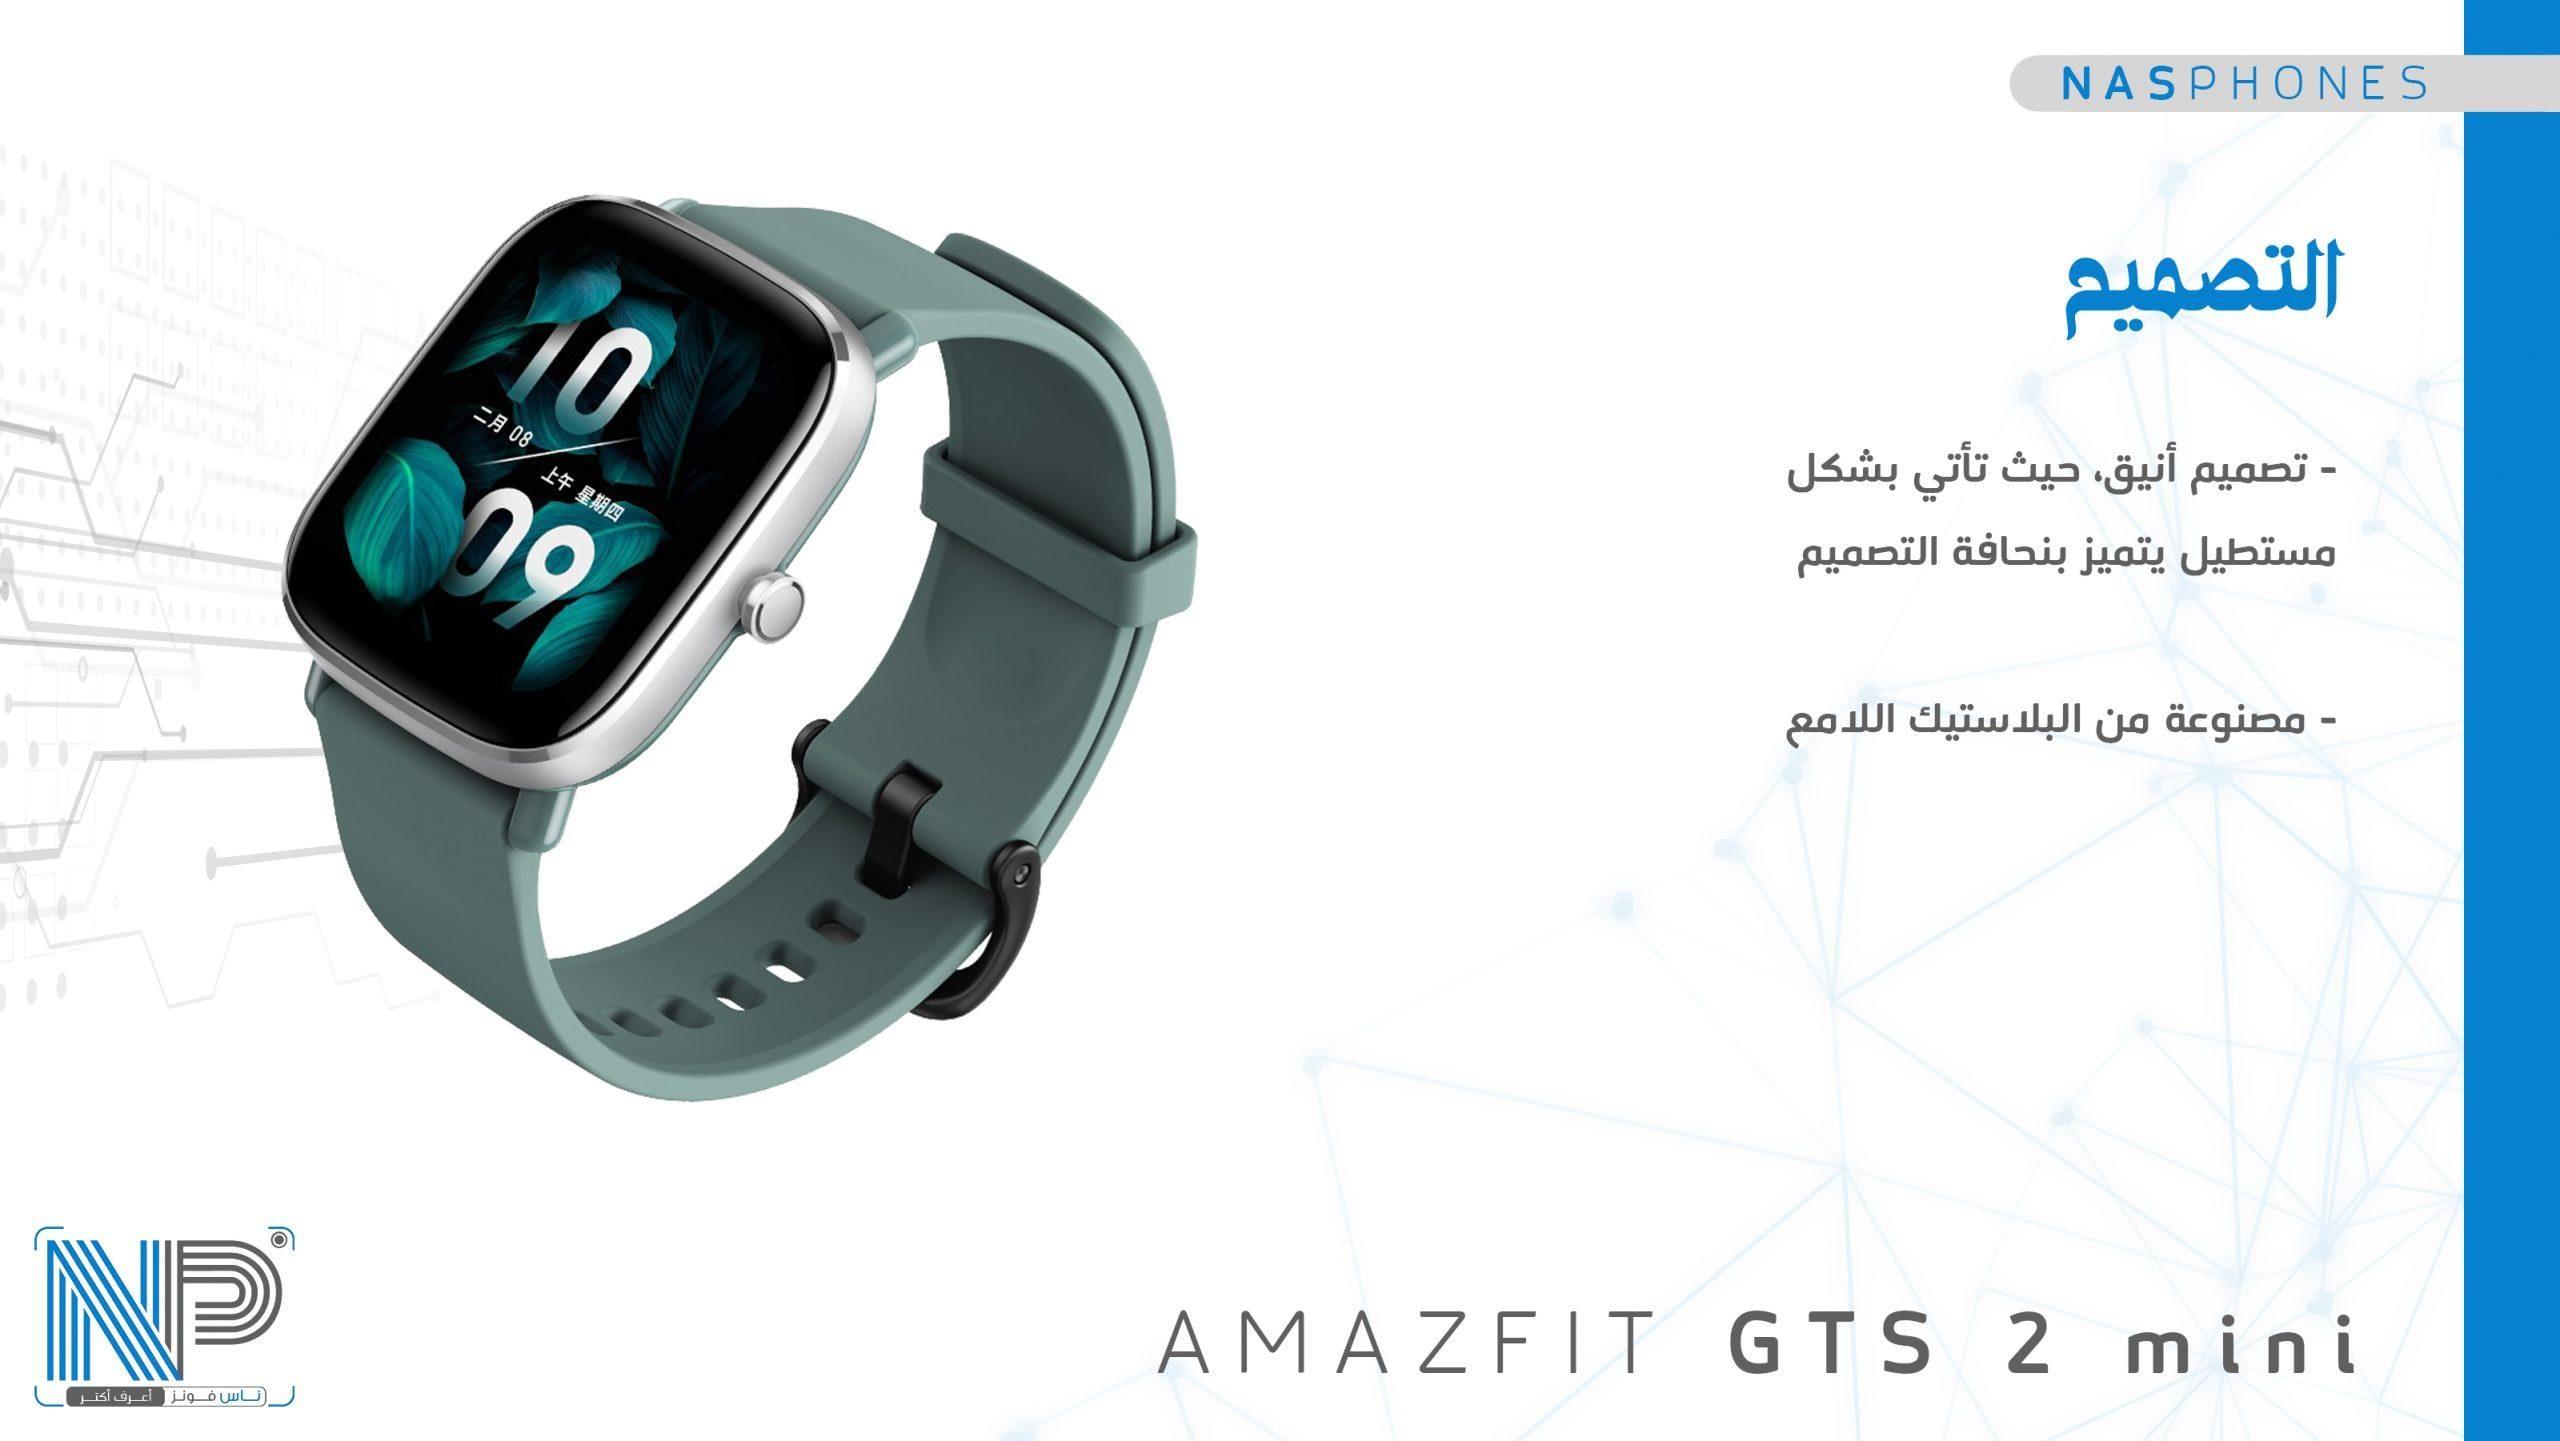 تصميم Amazfit GTS 2 mini